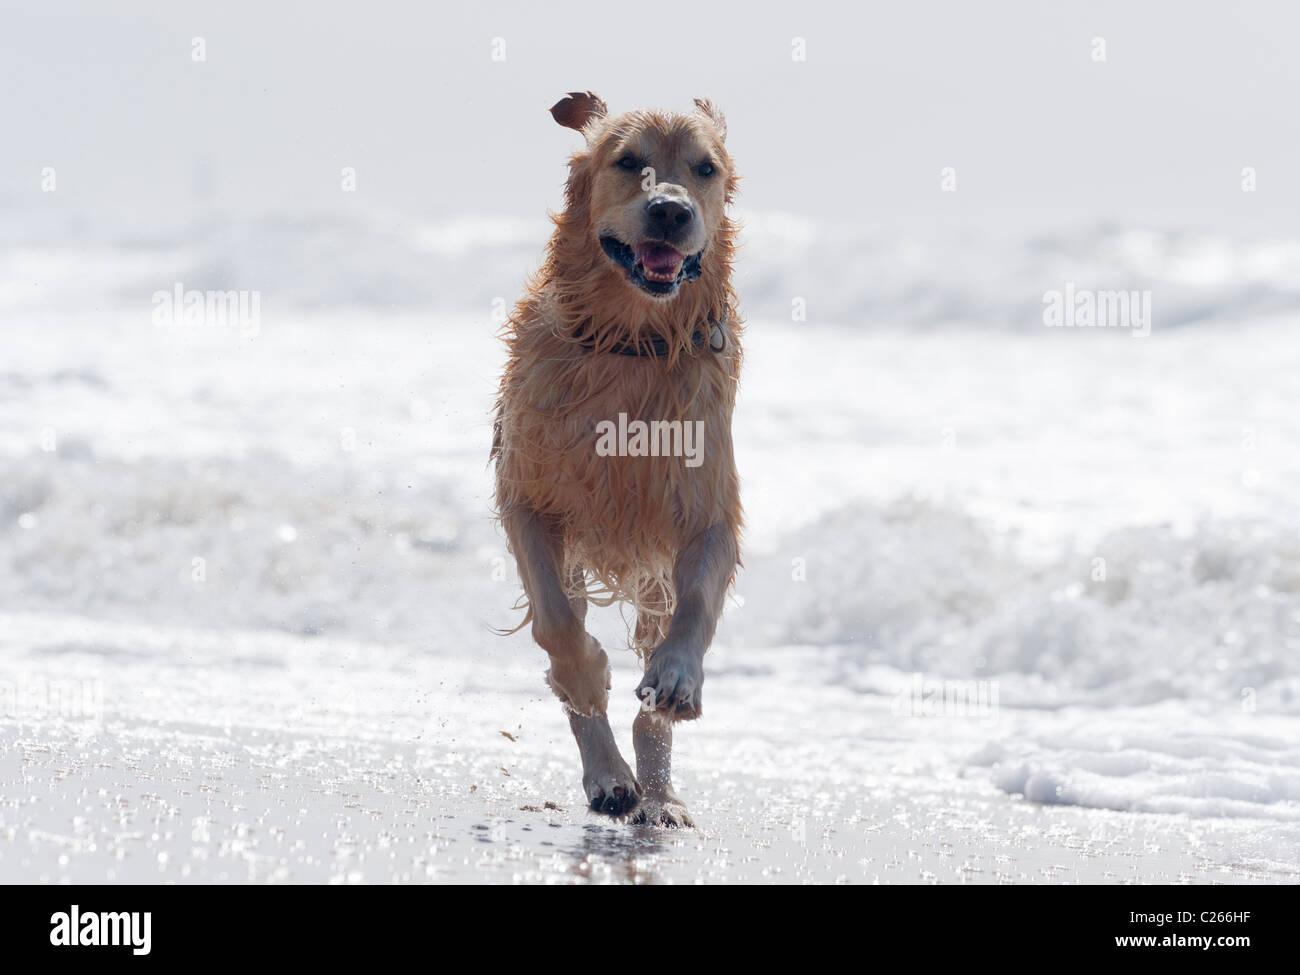 Golden retriever tournant à la plage. Photo Stock